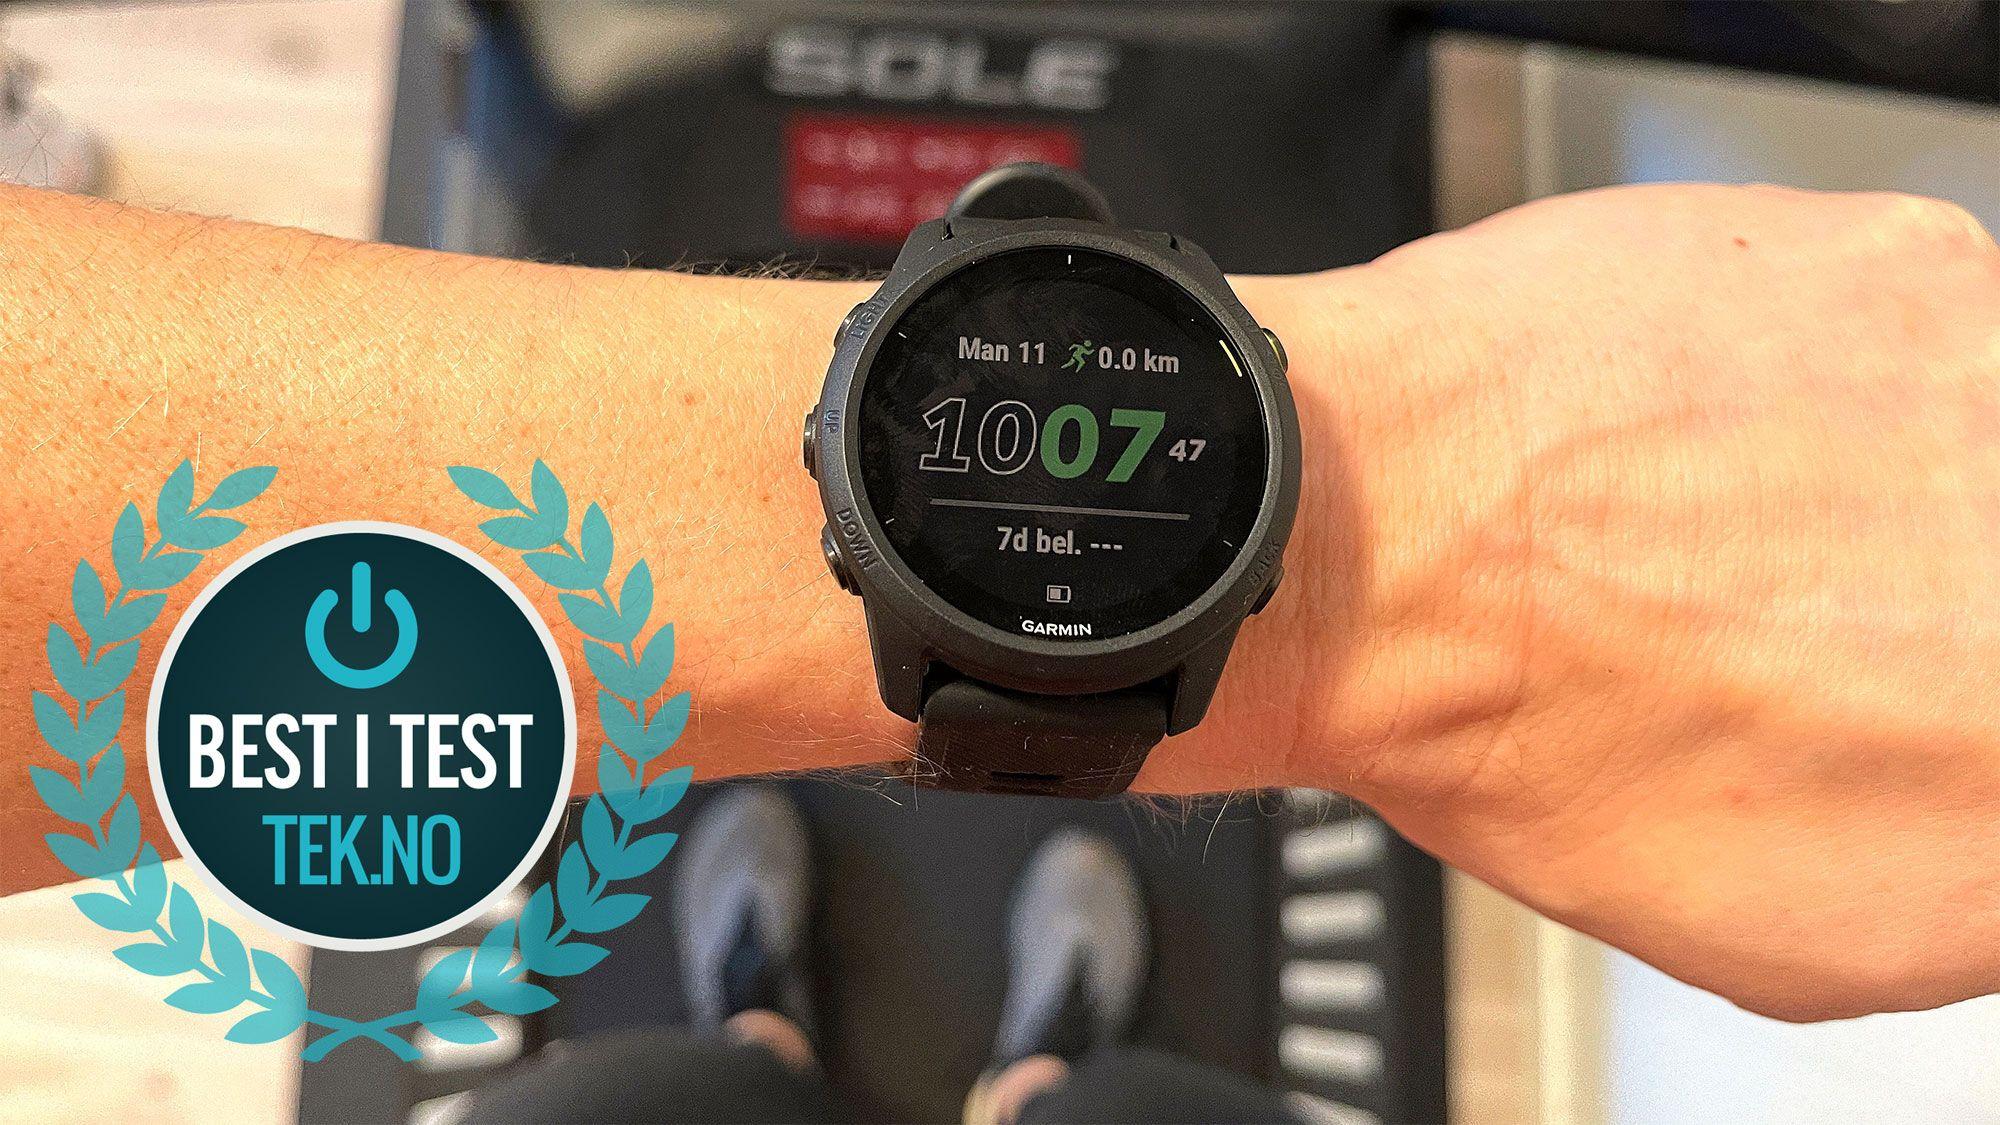 INGEN TID Å MISTE: Med denne klokken får du full løpsdynamikk underveis, gode analyser i etterkant og en meget god klokke. Den vil være tilfredsstillende for deg som er mosjonist, samtidig som den vil utvikle deg som ønsker å starte med trening.